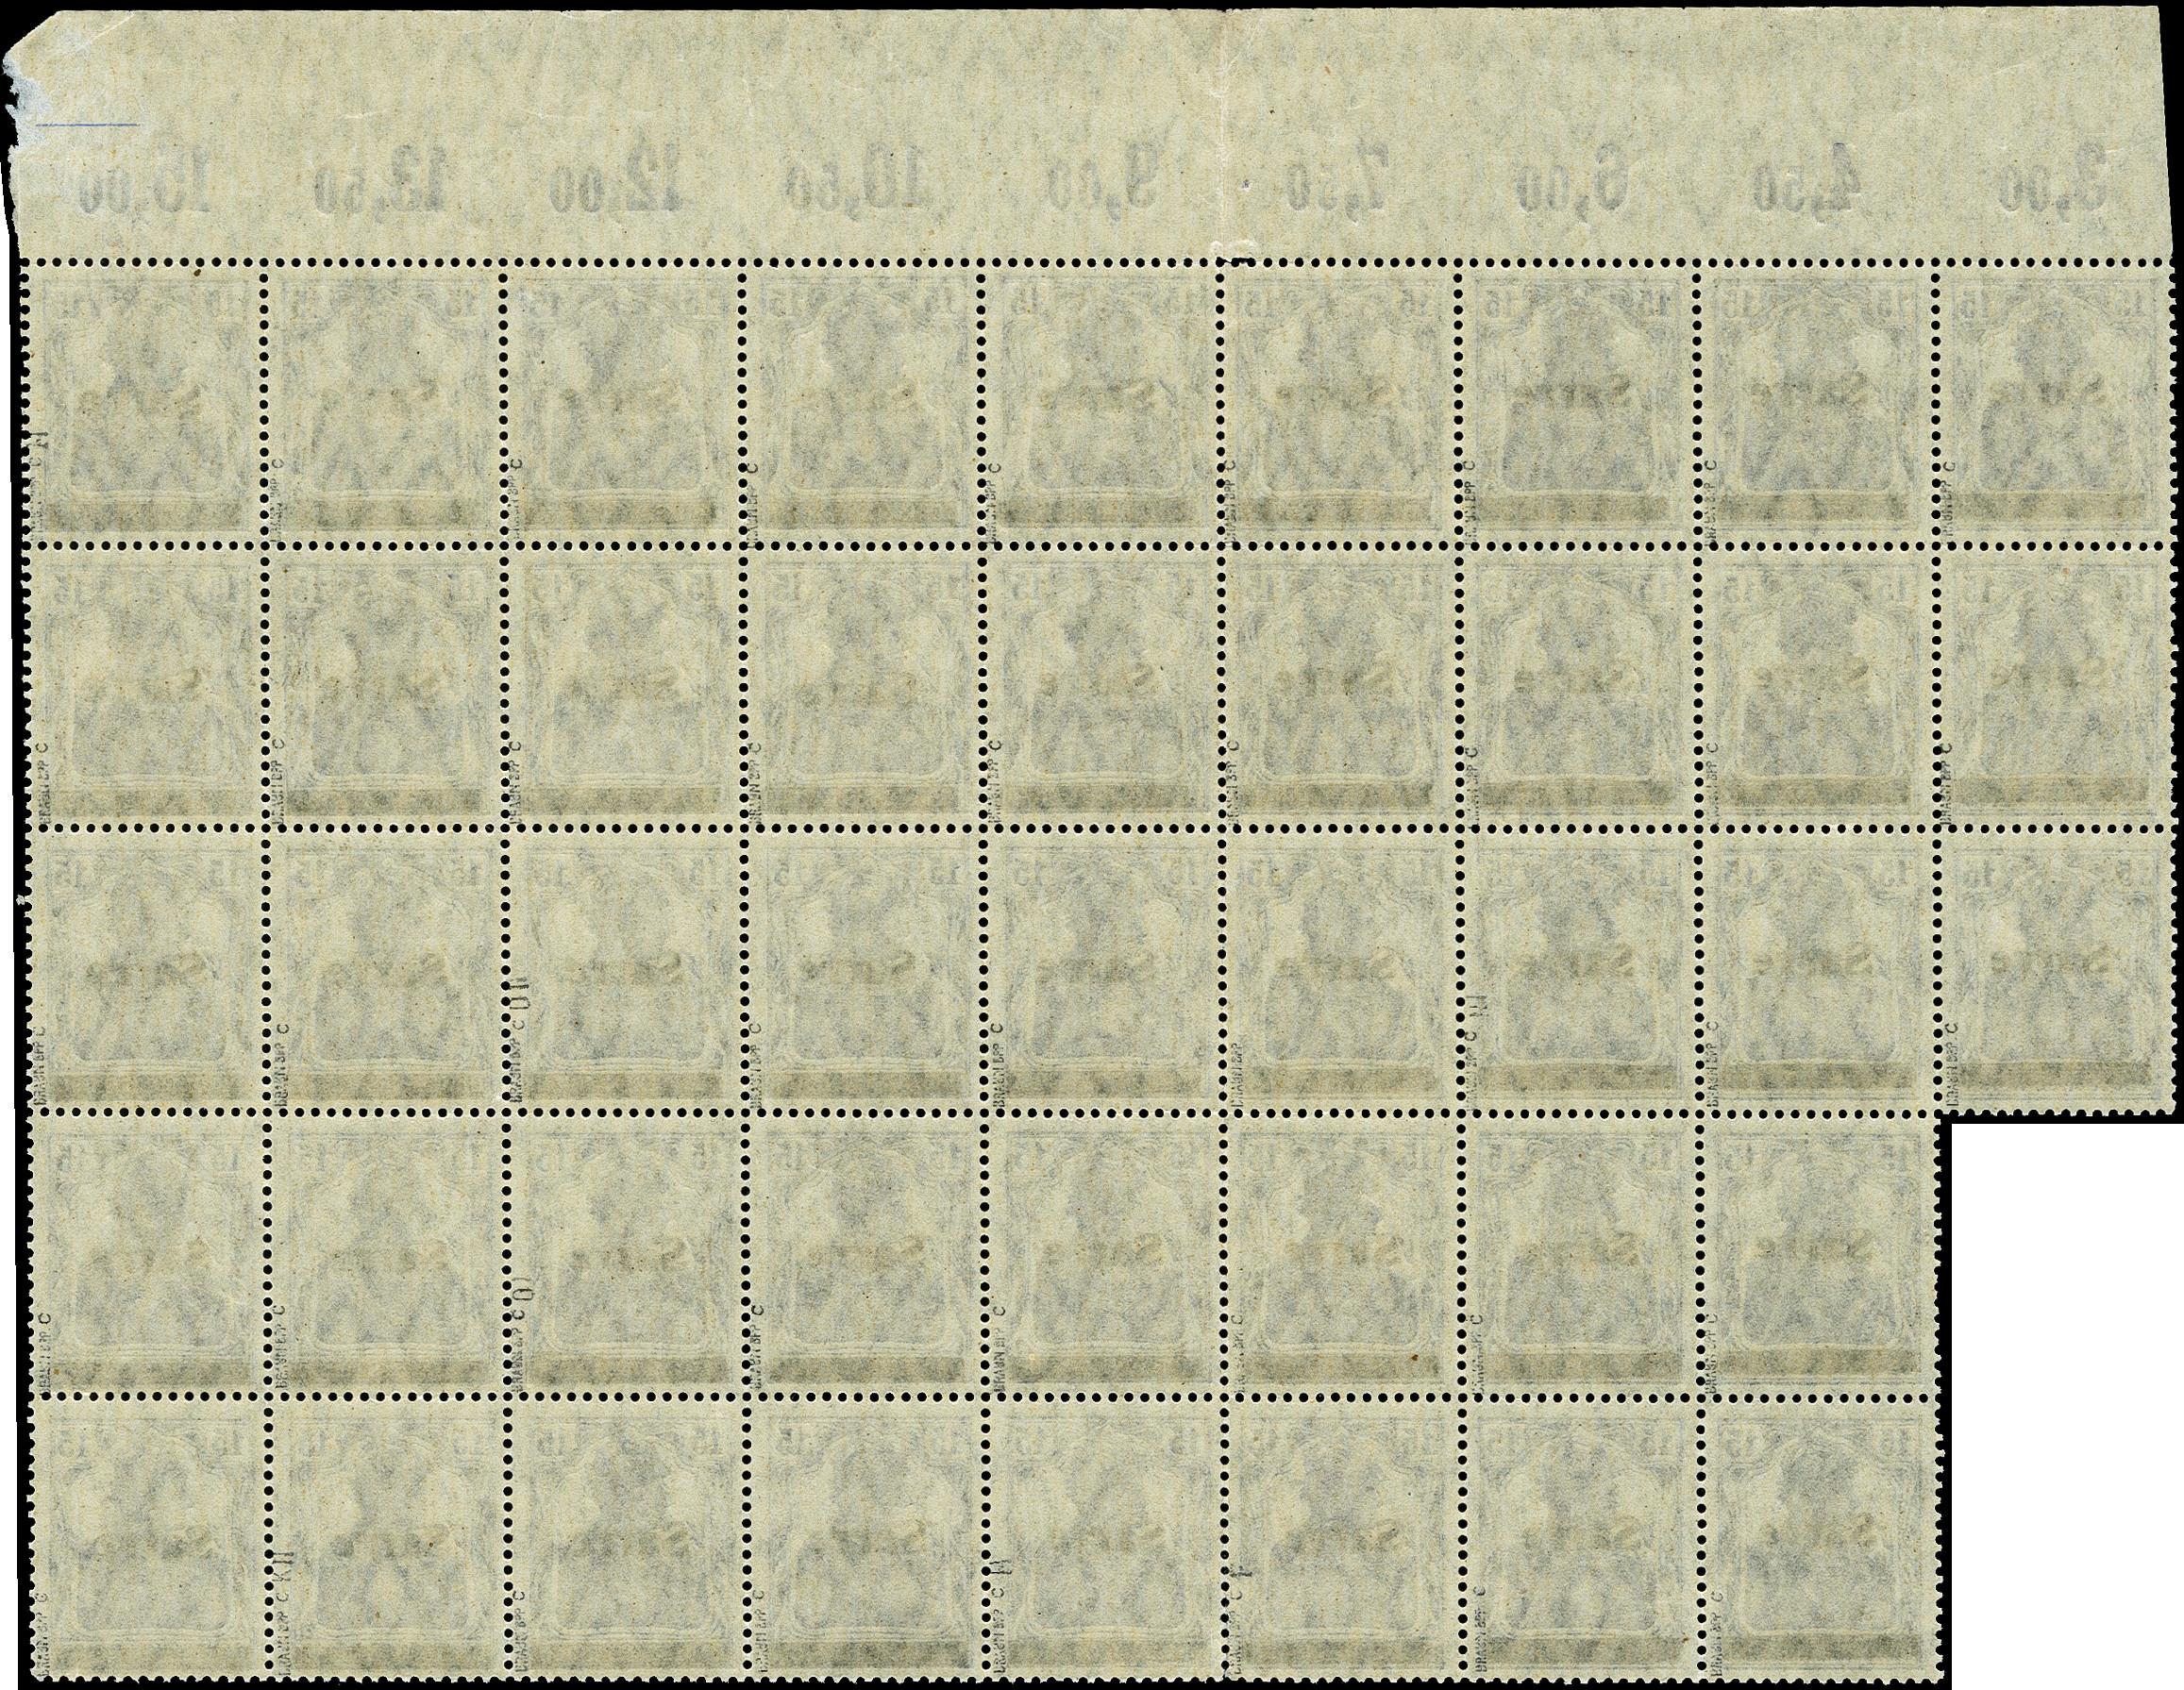 Lot 1546 - Main catalogue saar -  Heinrich Koehler Auktionen 373rd Heinrich Köhler auction - Day 4